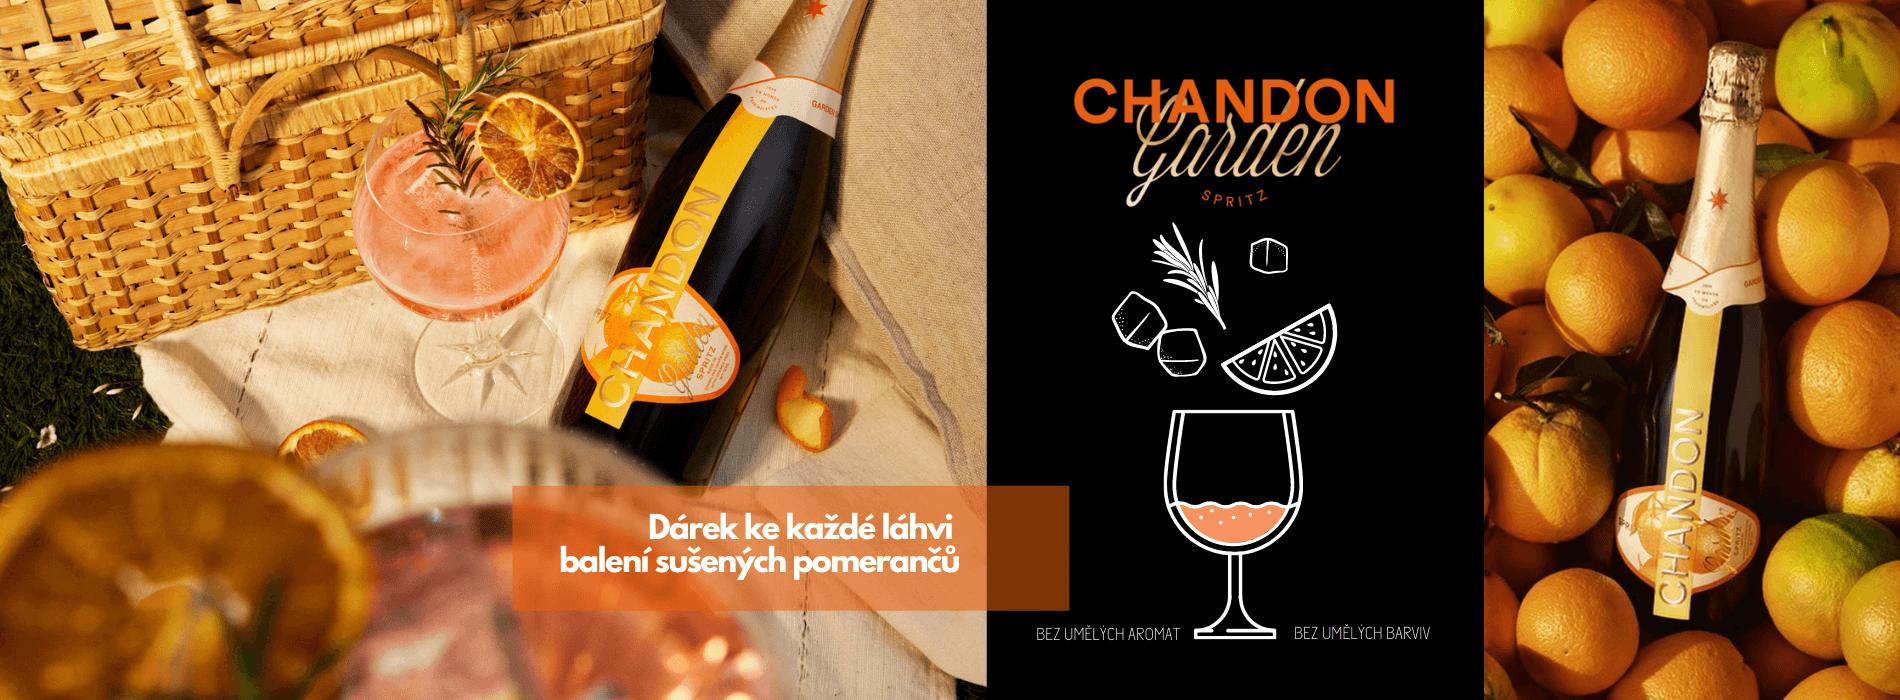 Dárek, k láhvi Chandon Garden Spritz - balení sušených pomerančů